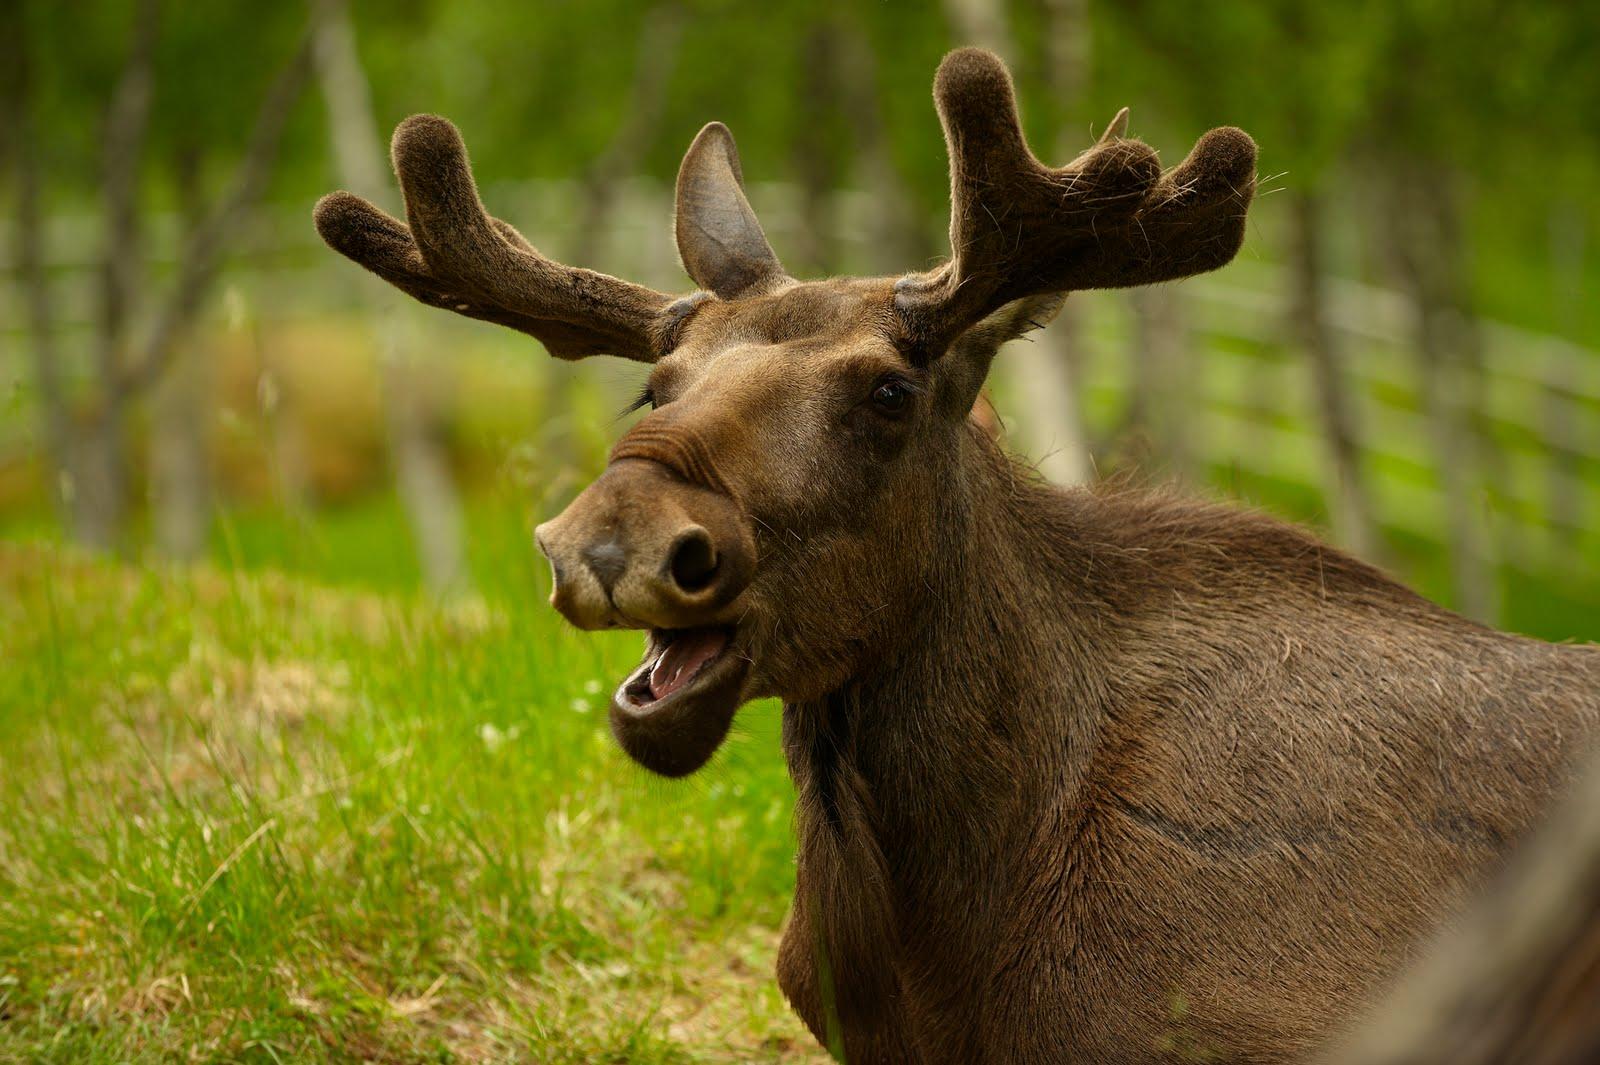 В Новгородском районе сбили молодого лося